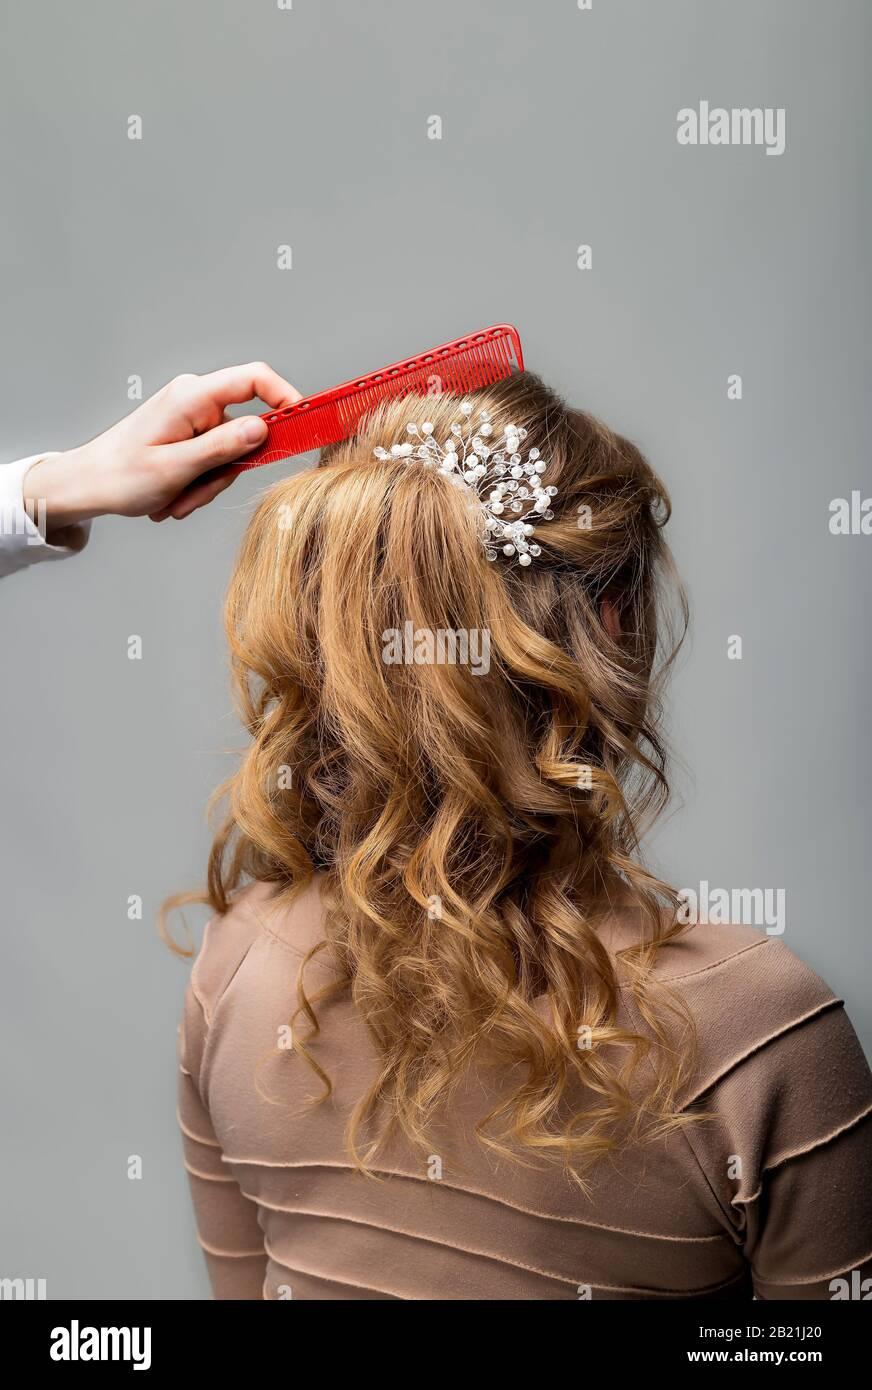 Capelli ricci ondulati. Parrucchiere che fa acconciatura a donna bionda capelli con capelli lunghi utilizzando il pettine su sfondo grigio. Parrucchiere professionale Foto Stock